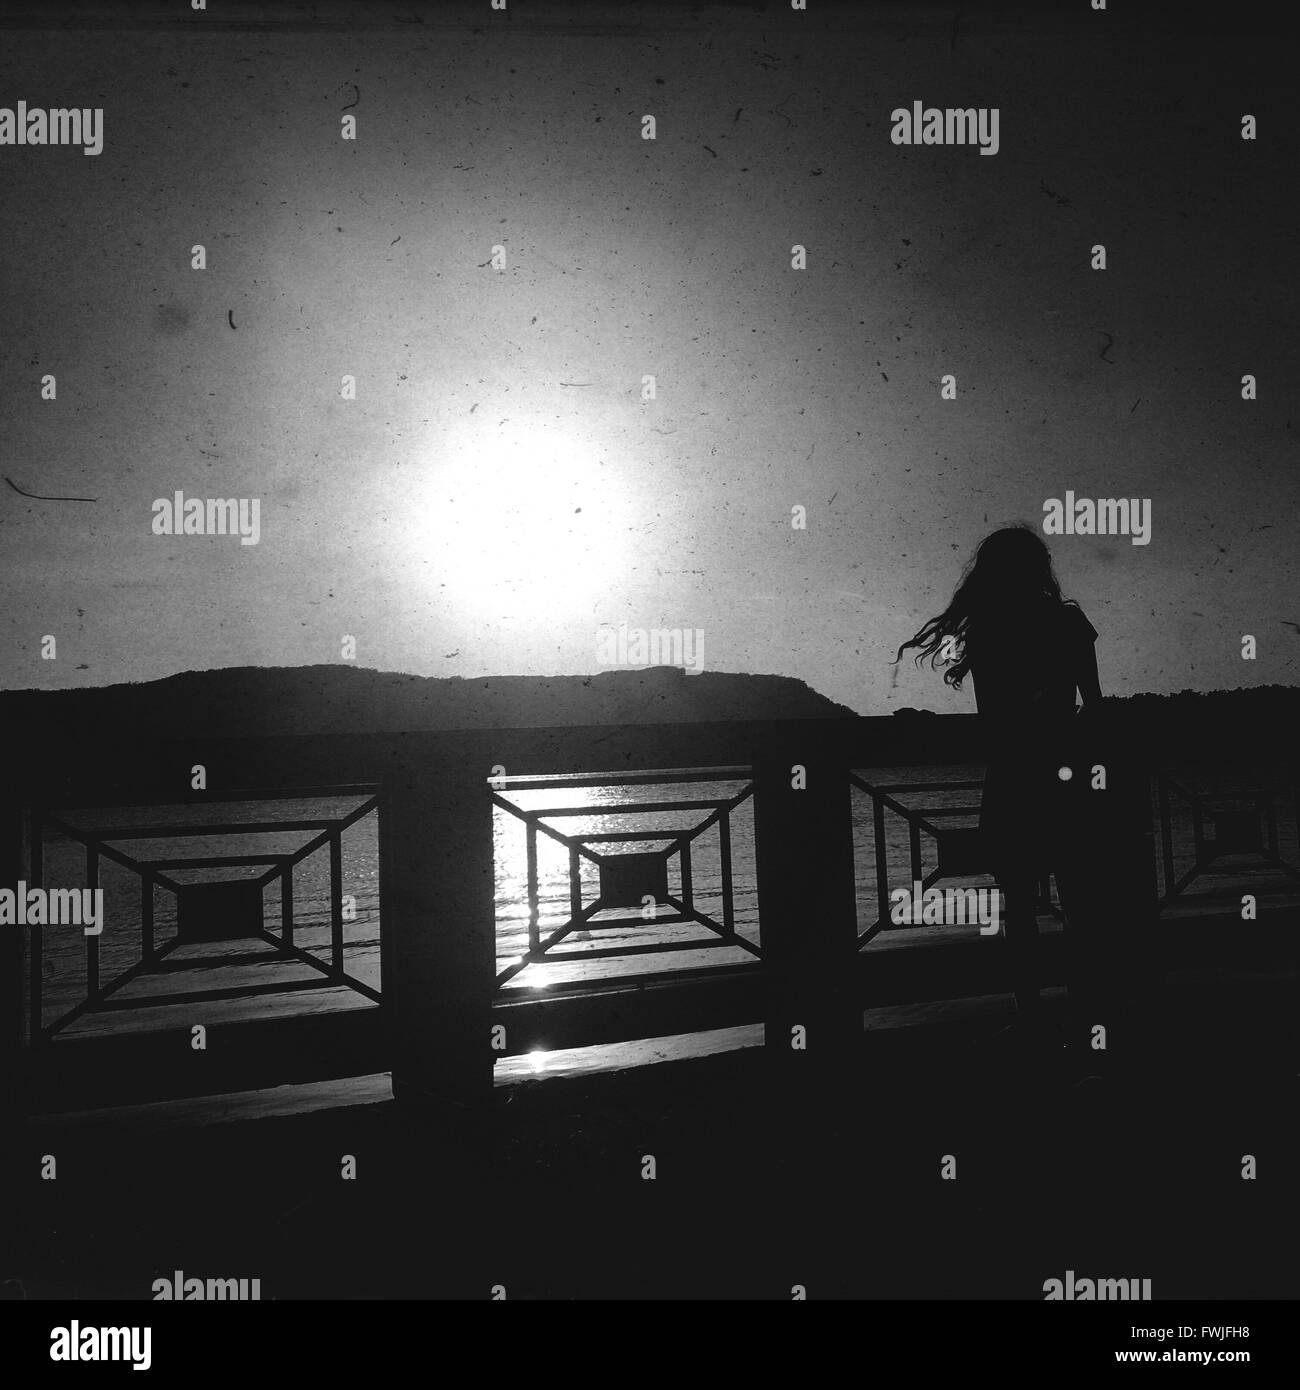 Silhouette permanente sulla passerella sul fiume contro il cielo luminoso Immagini Stock